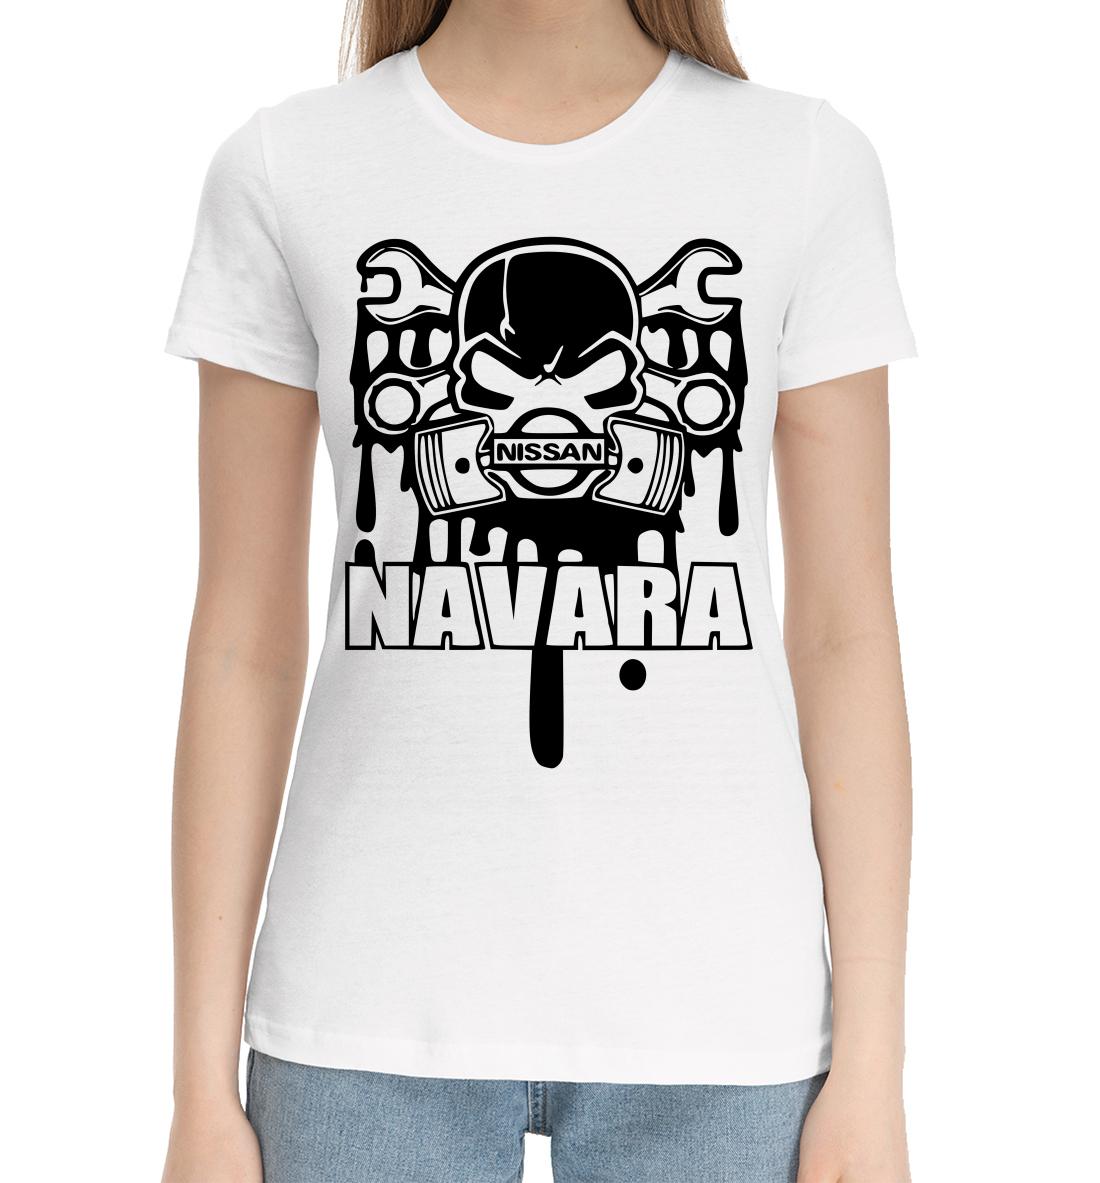 nissan navara Nissan Navara